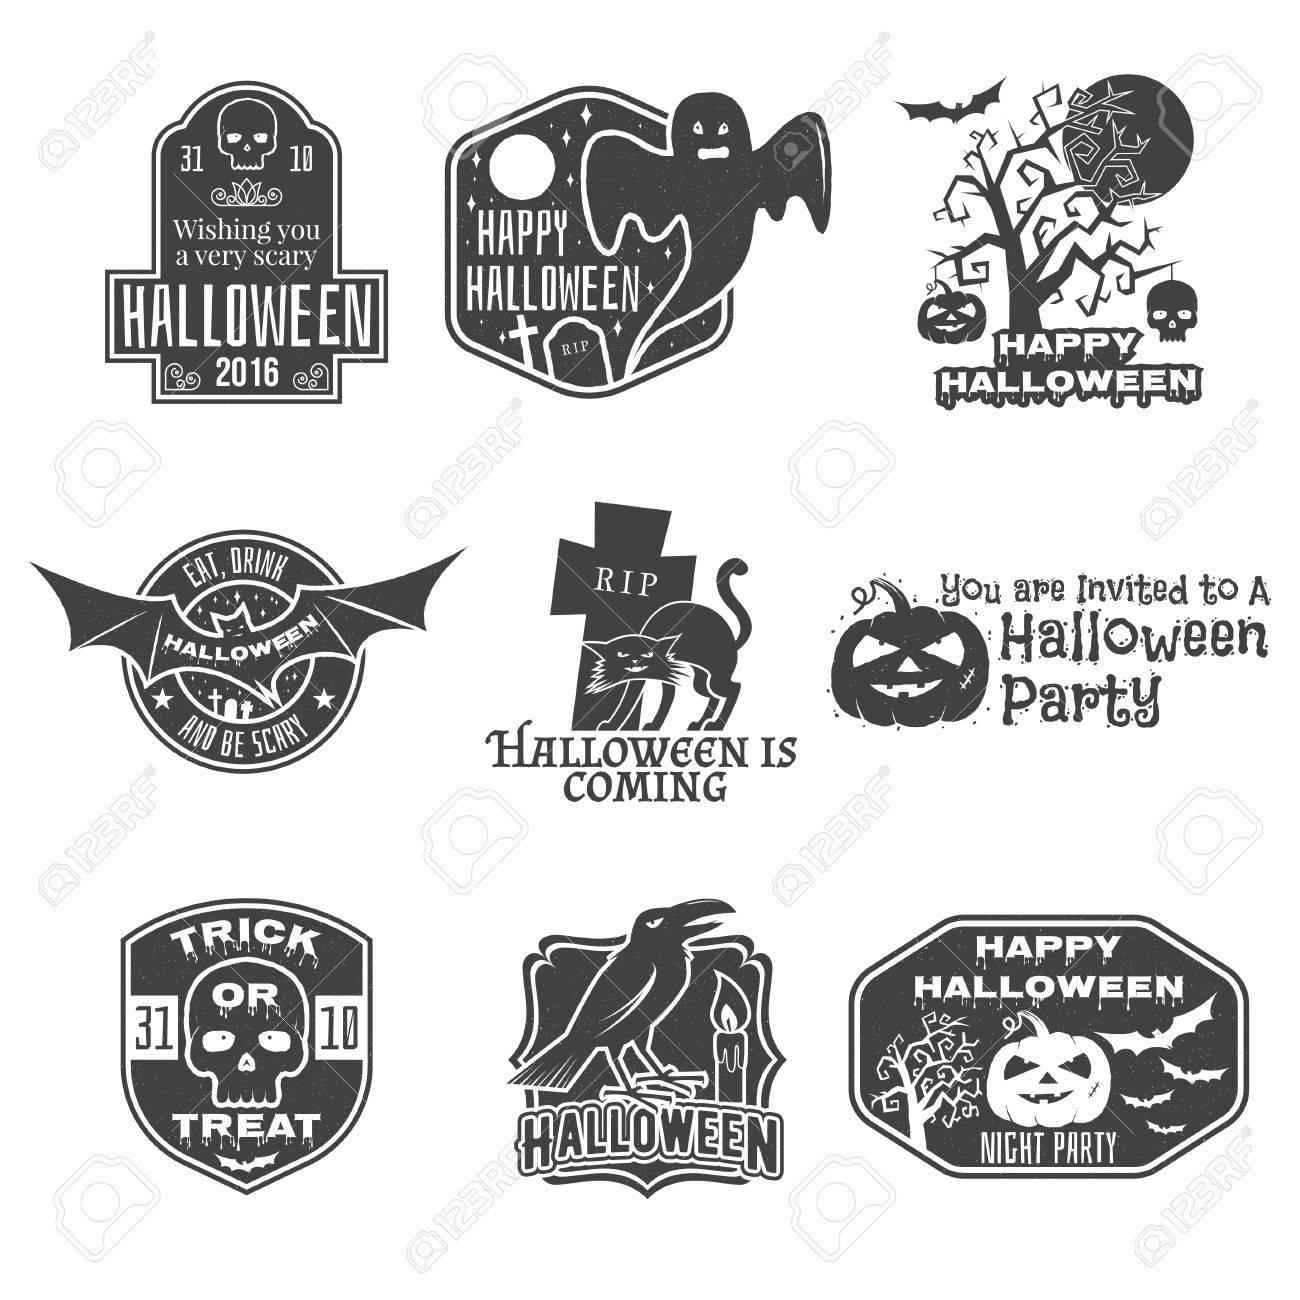 halloween vintage badges emblems or labels vector illustration